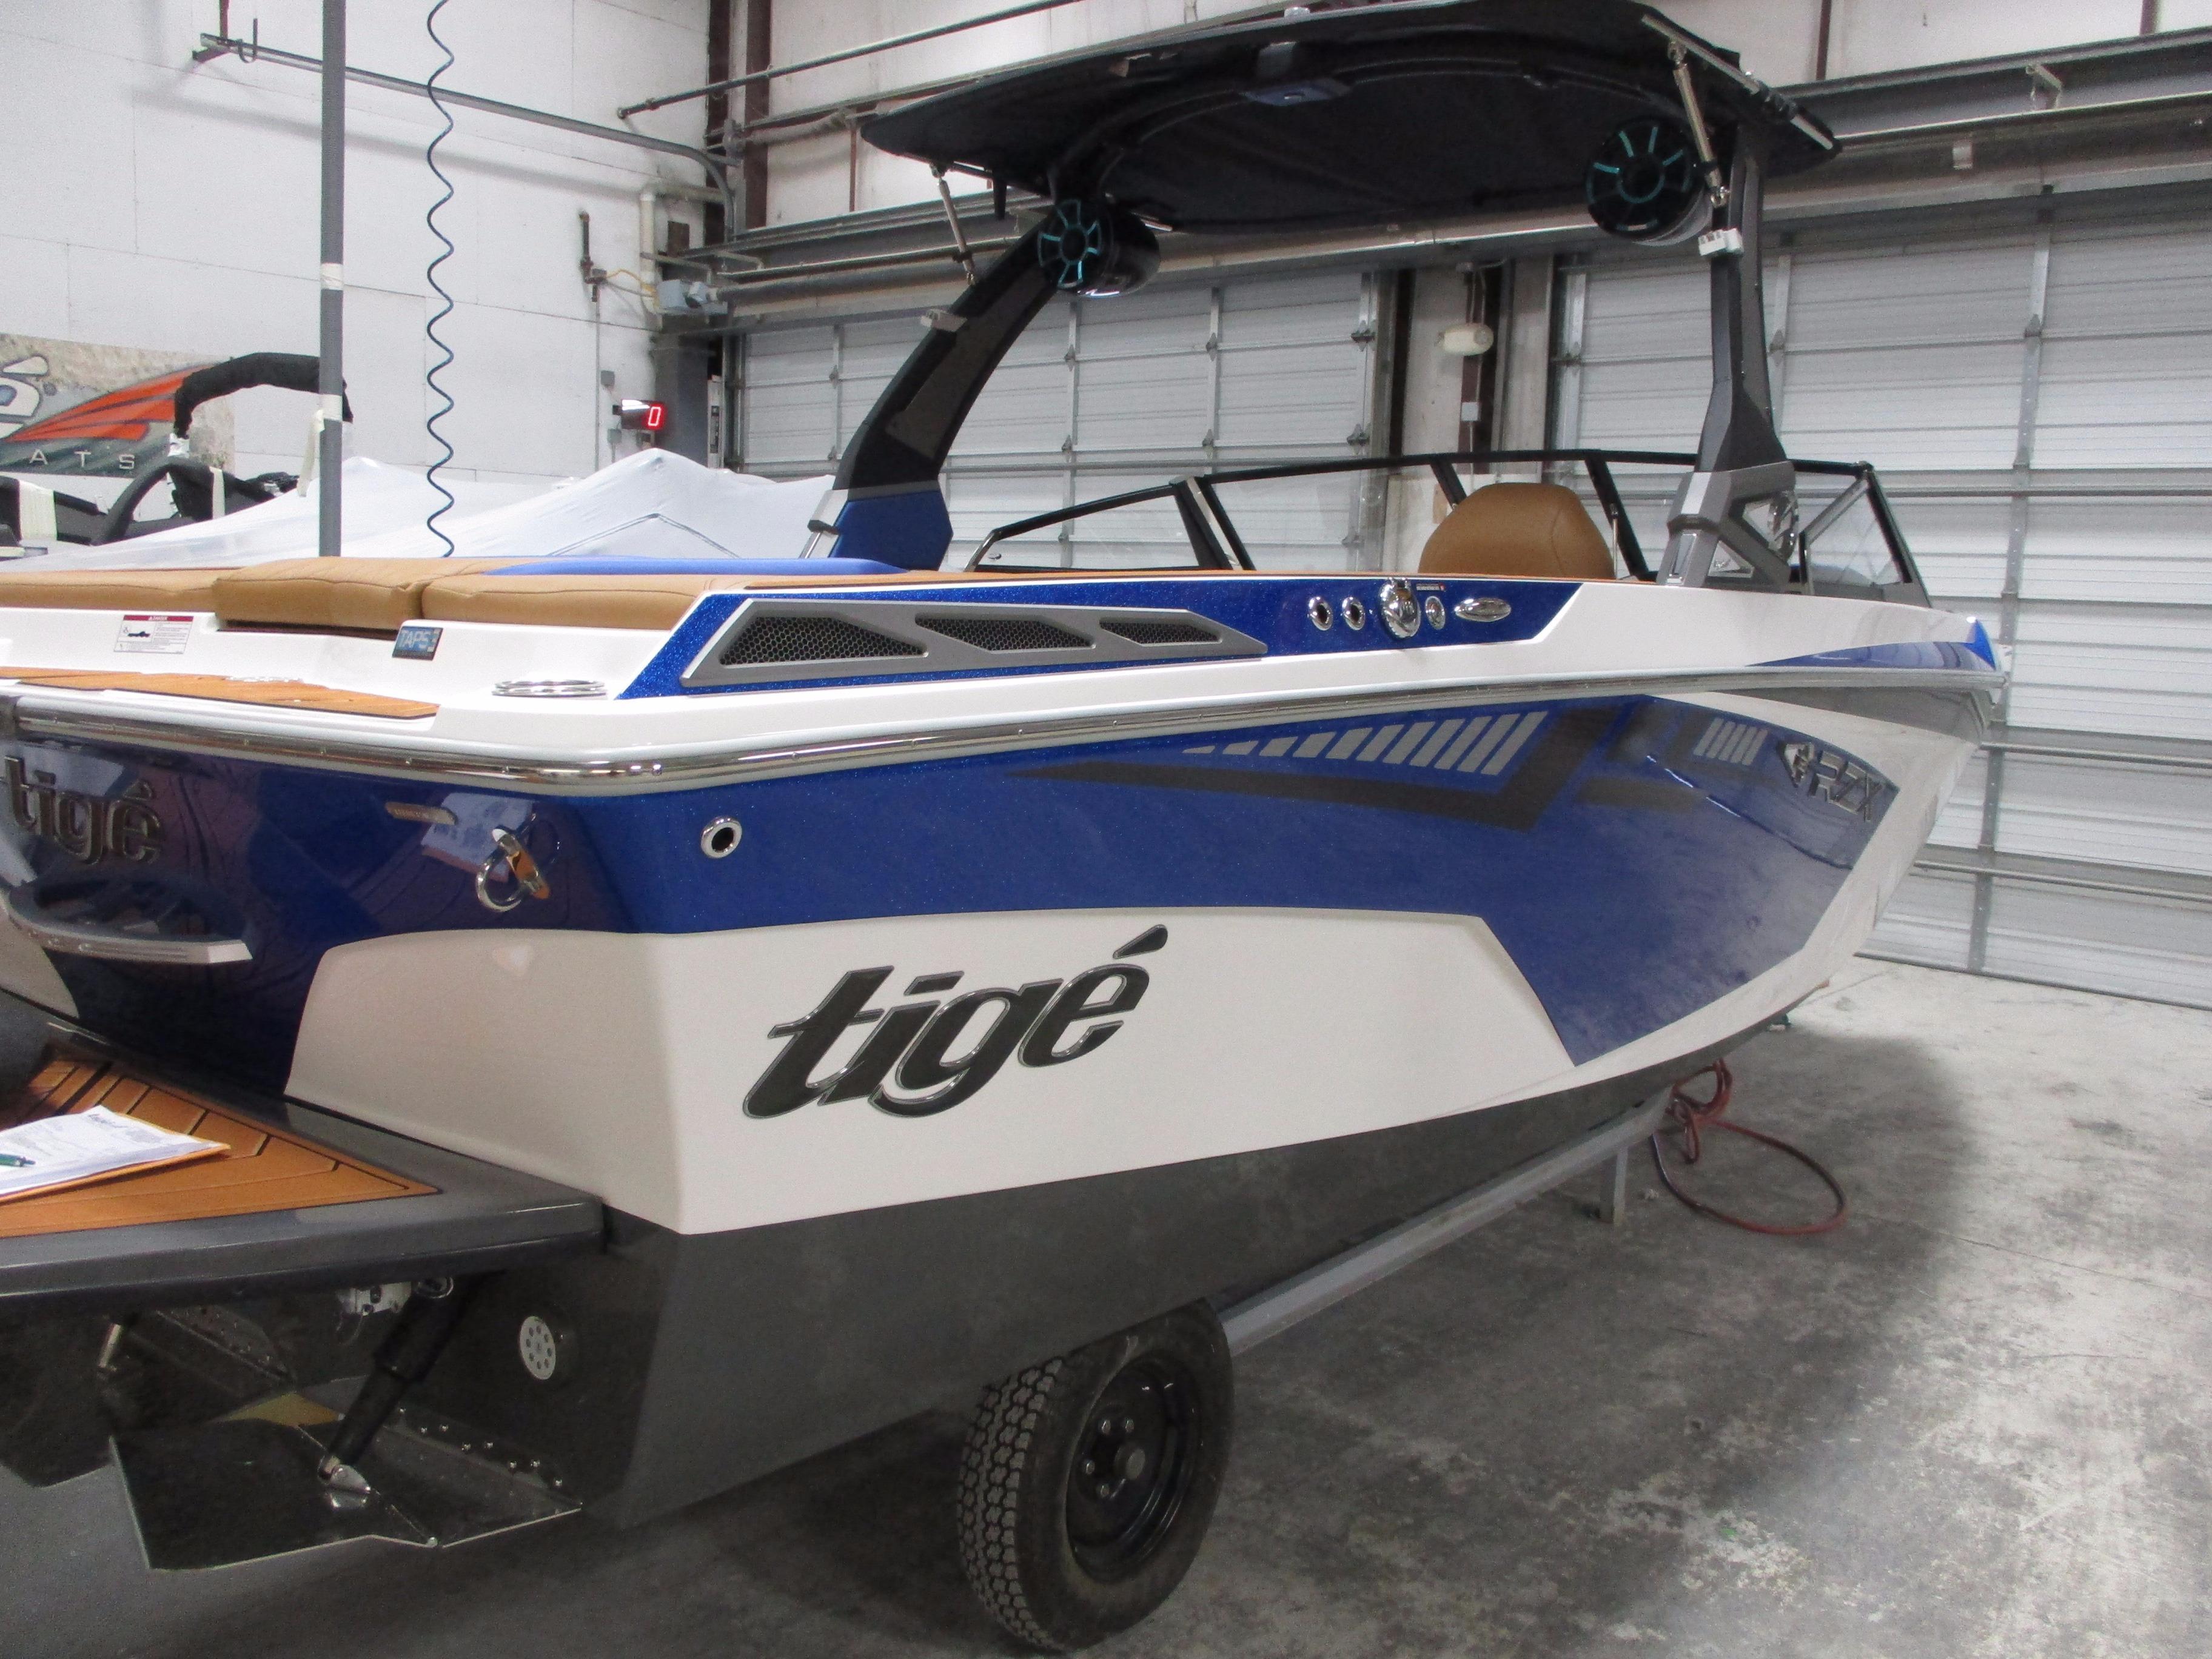 2017 Tige RZX 2 Power Boat For Sale Wwwyachtworldcom